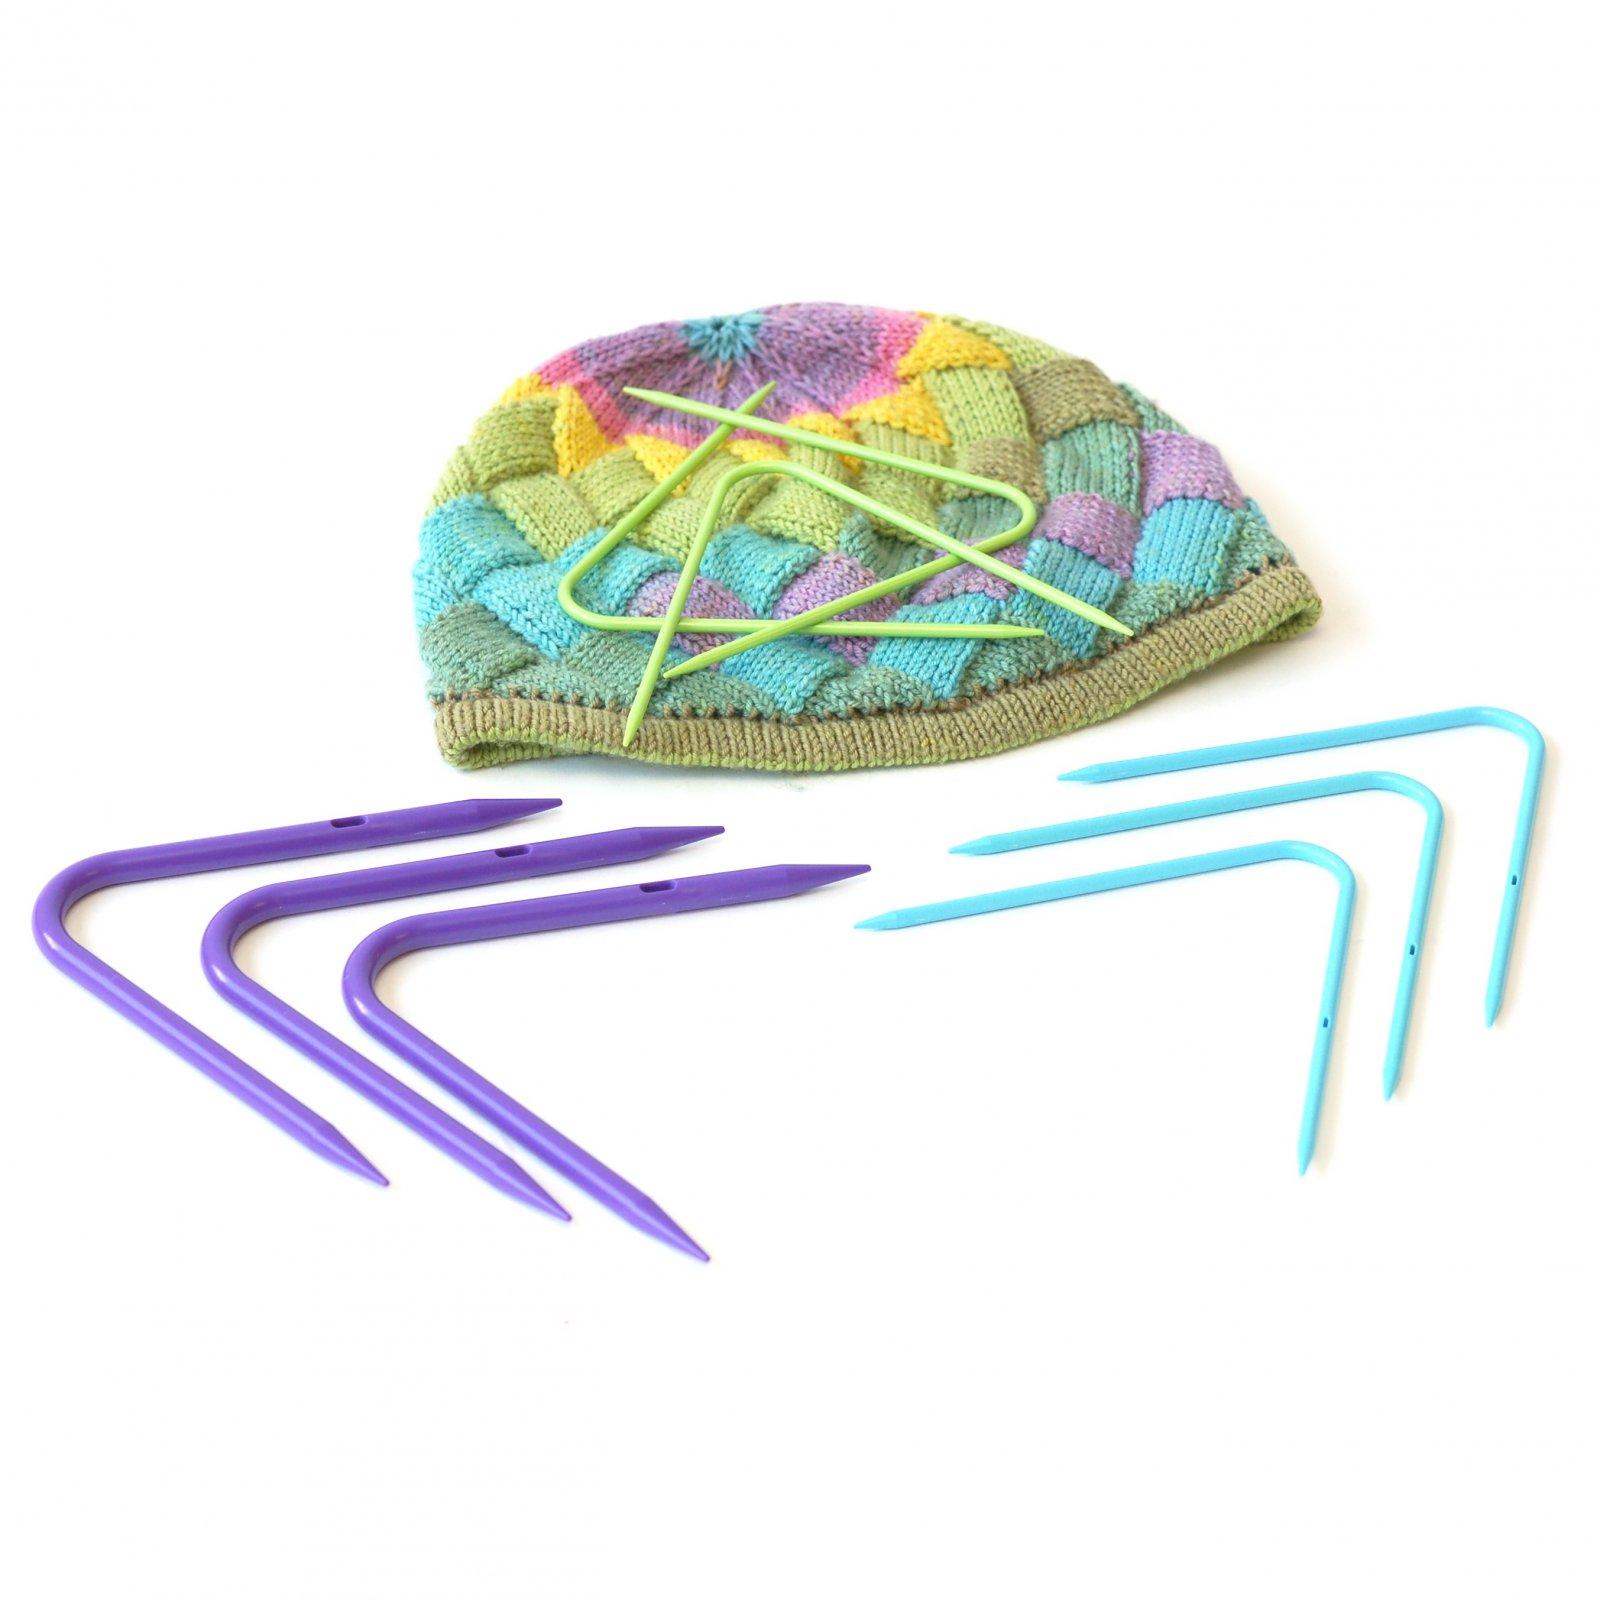 Neko CDPN's for Hats & Loops Regular Length Larger Sizes